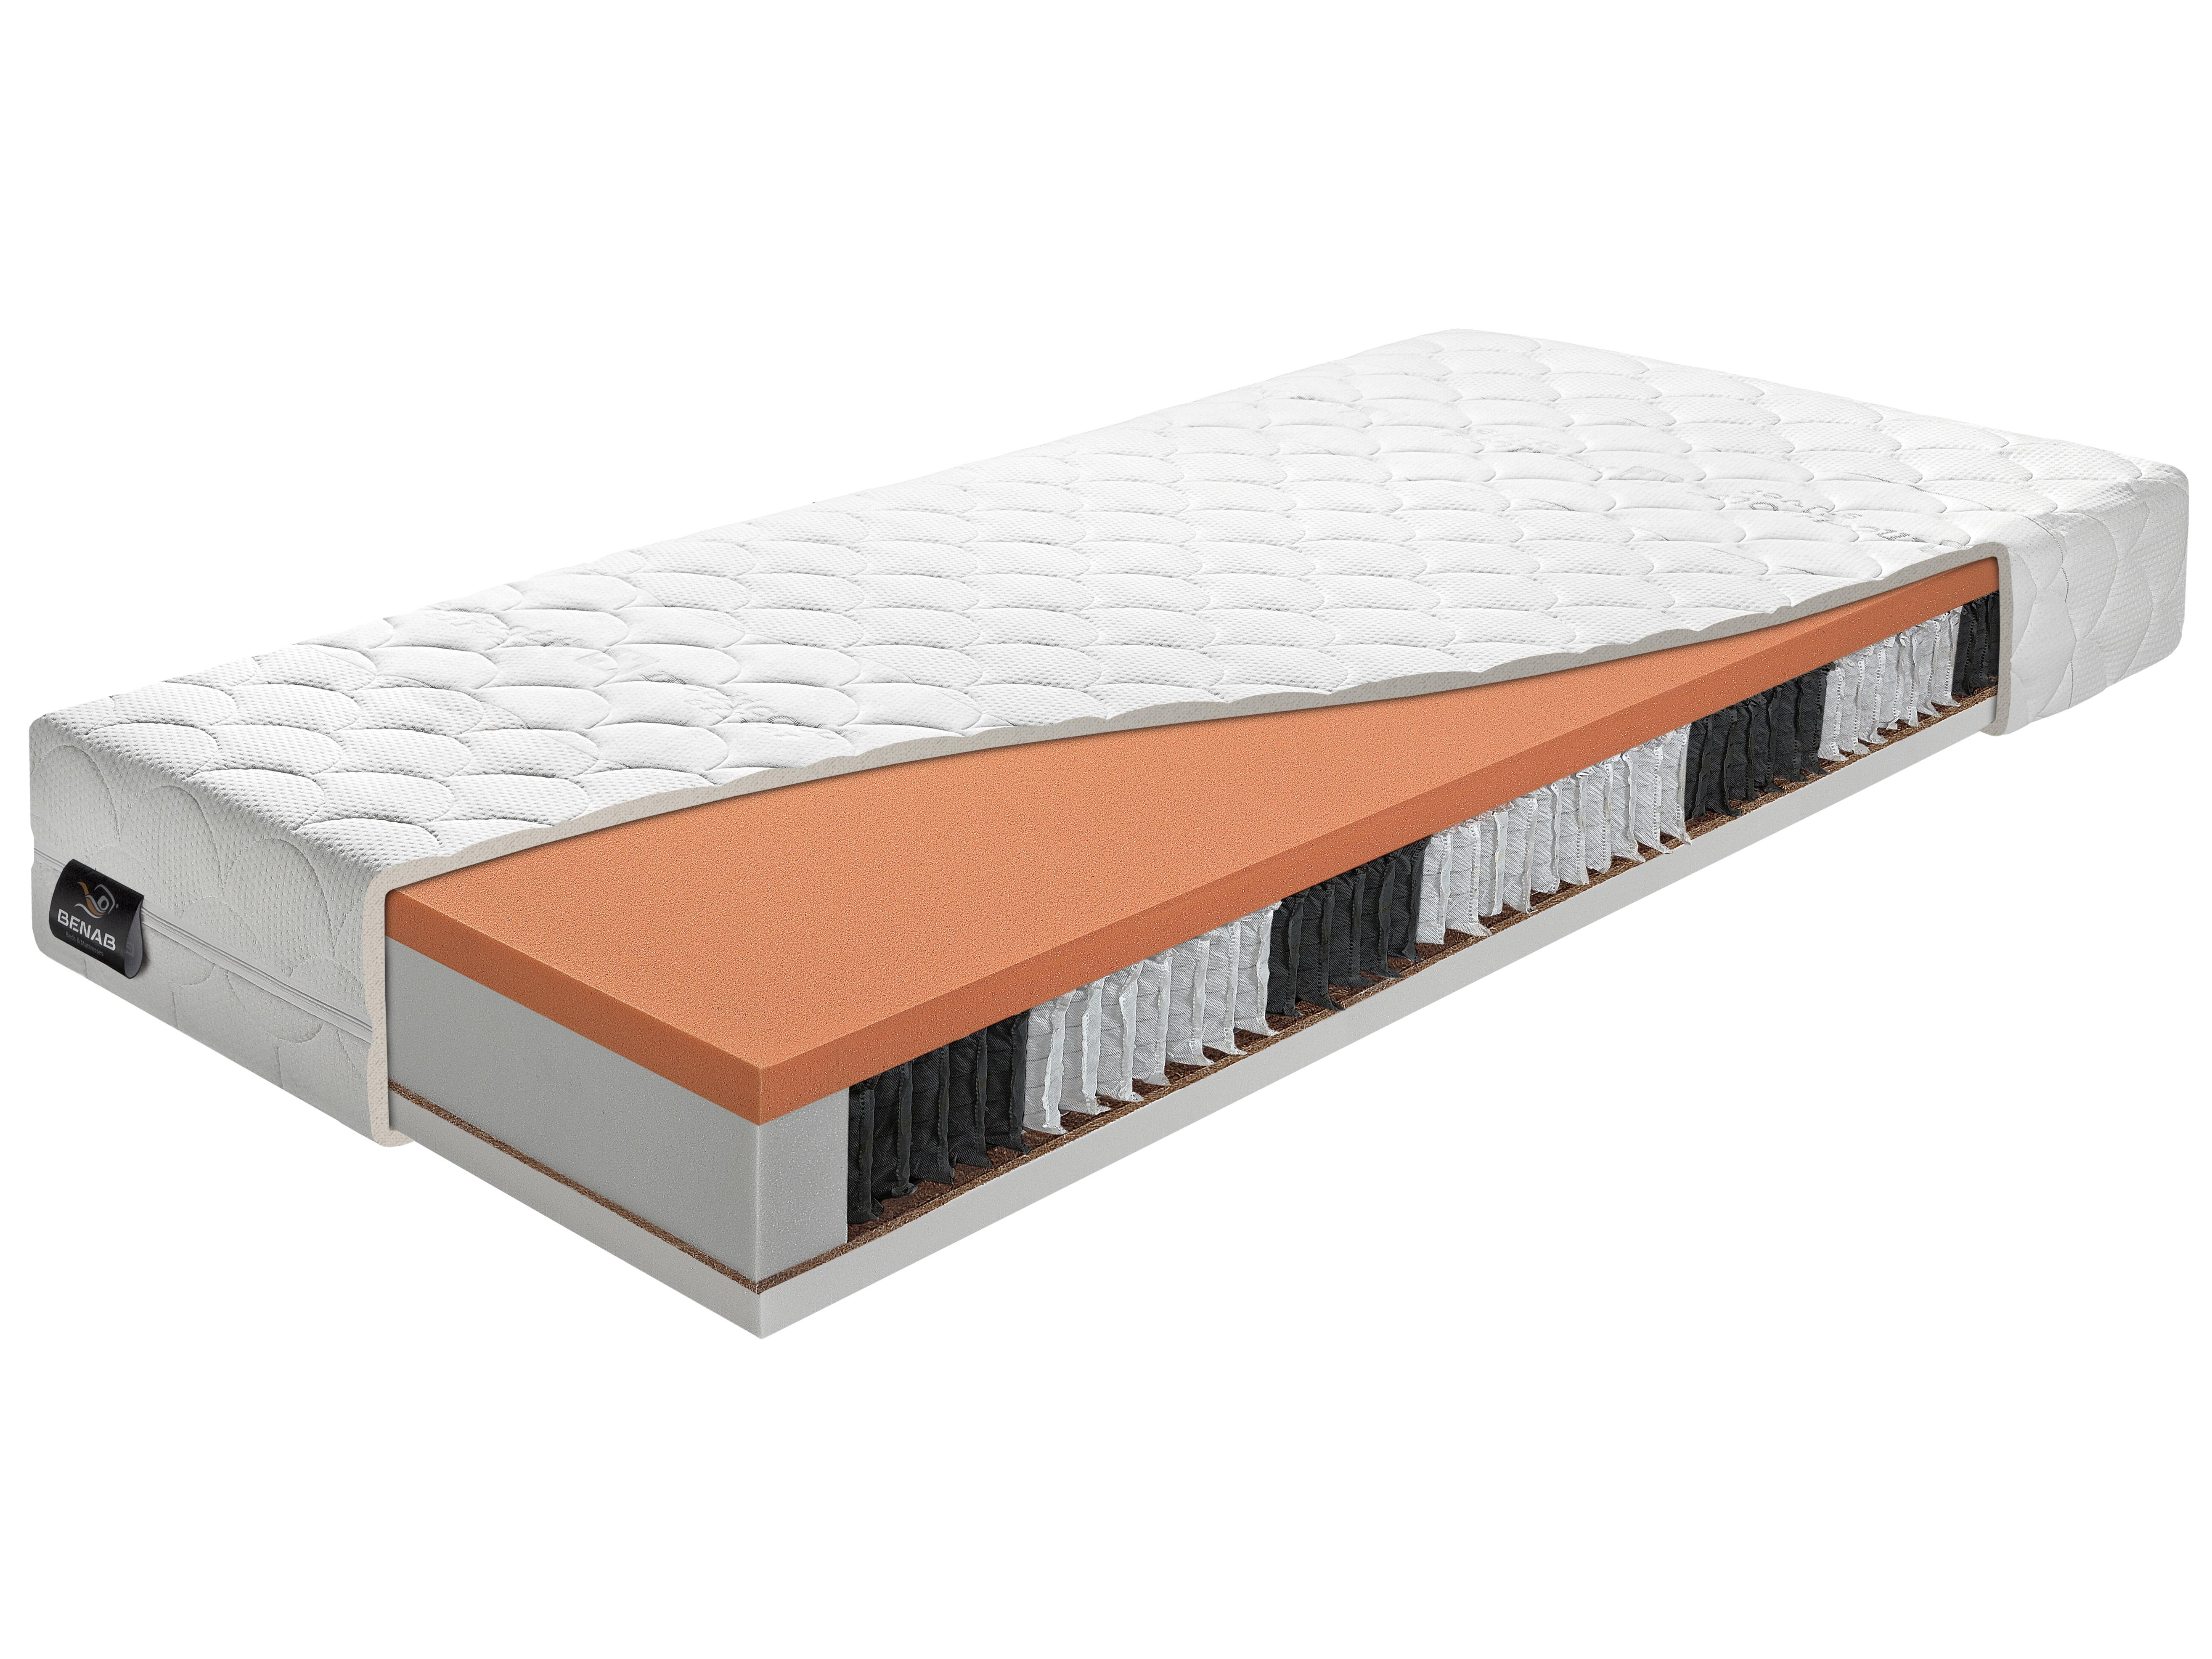 Taštičkový matrac - Benab - Multi S7 - Atypický rozmer (cena za 1 m2) (T4/T5). Extra vysoký anatomický matrac so zvýšenou nosnosťou, obojstrannou vrstvou prírodného kokosového vlákna, 5-ročnou zárukou a snímateľným poťahom.